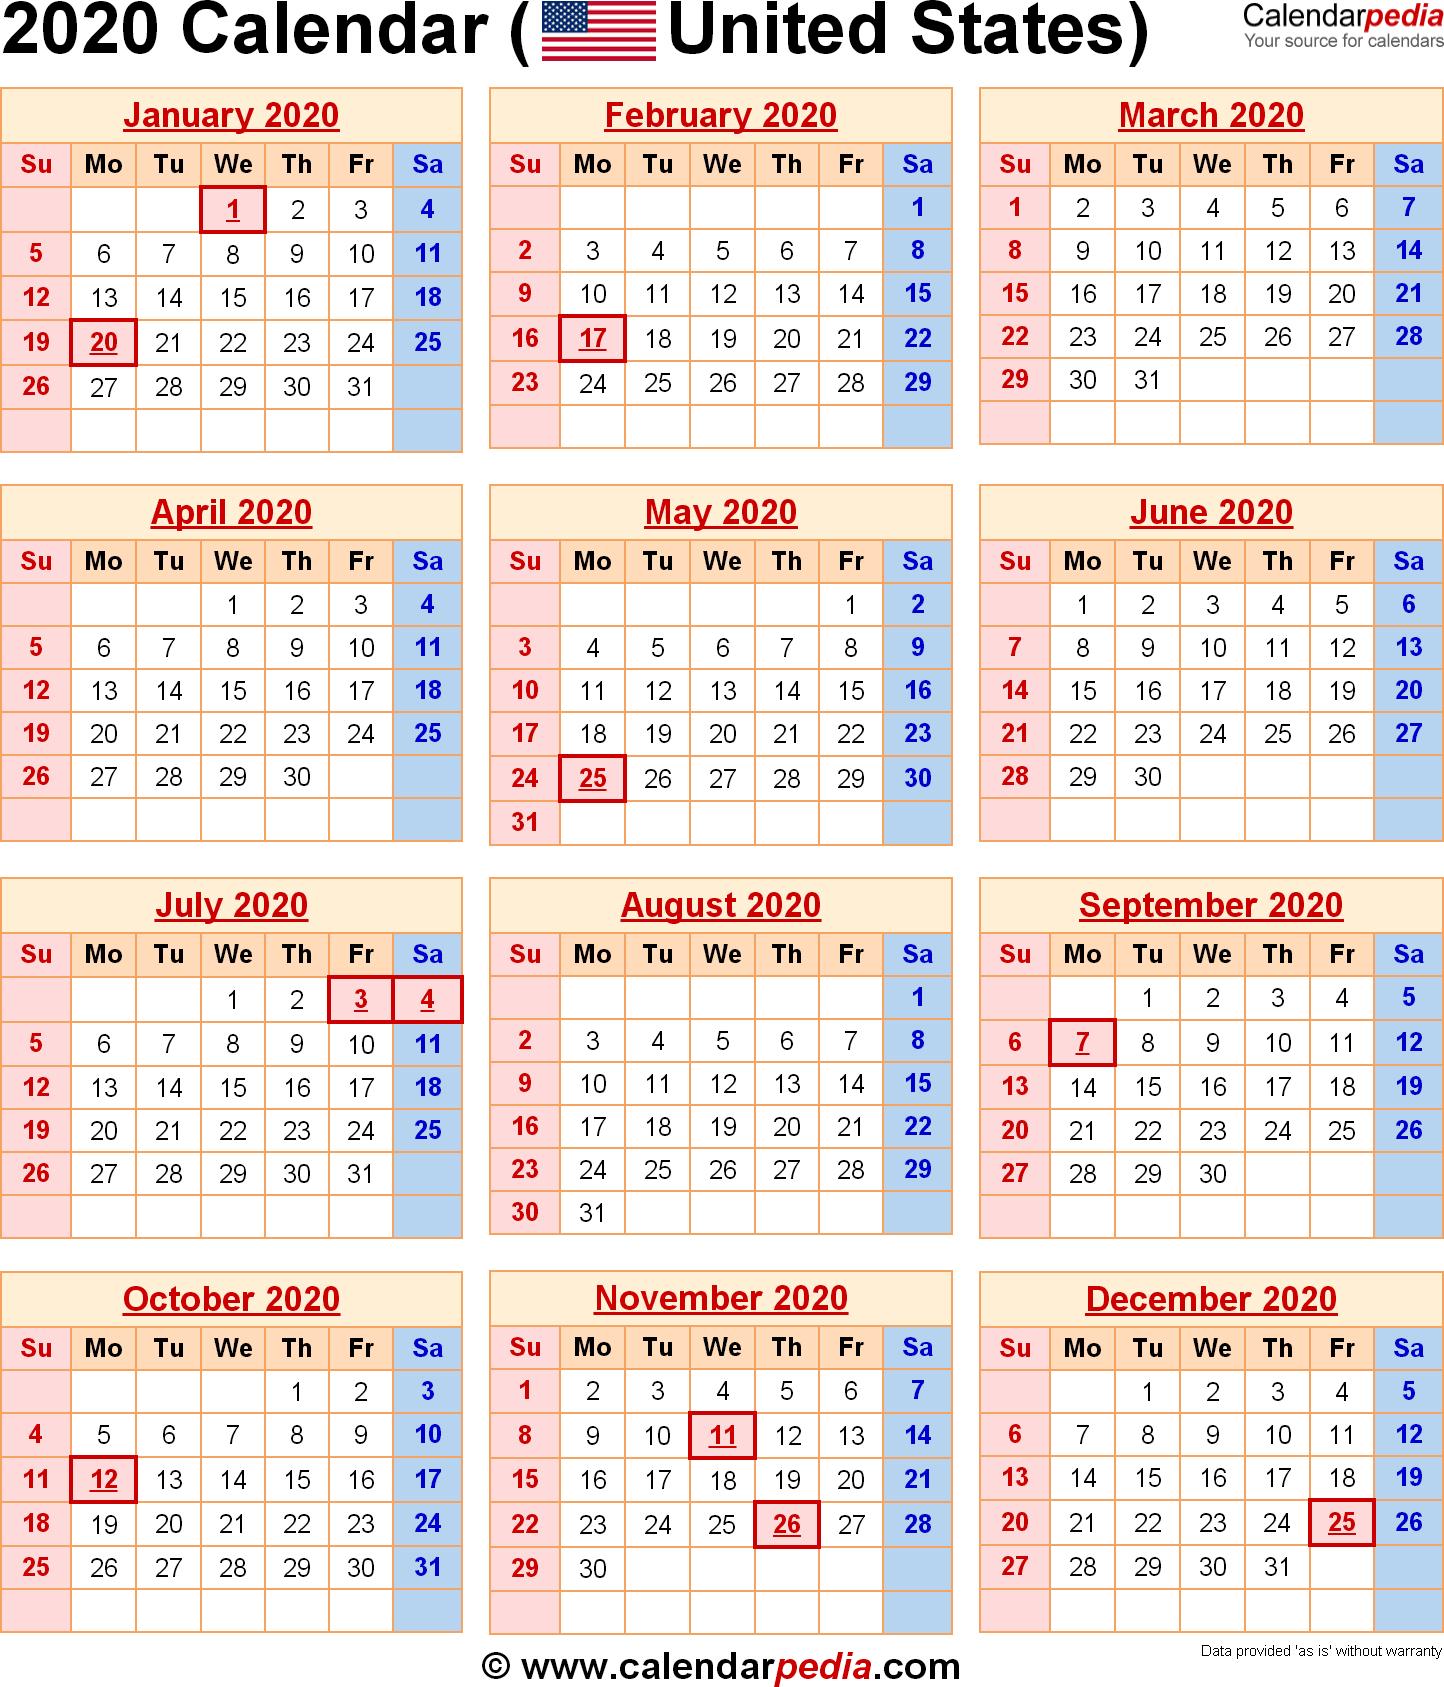 2020 Calendar Holidays Usa | Get Your Calendar Example